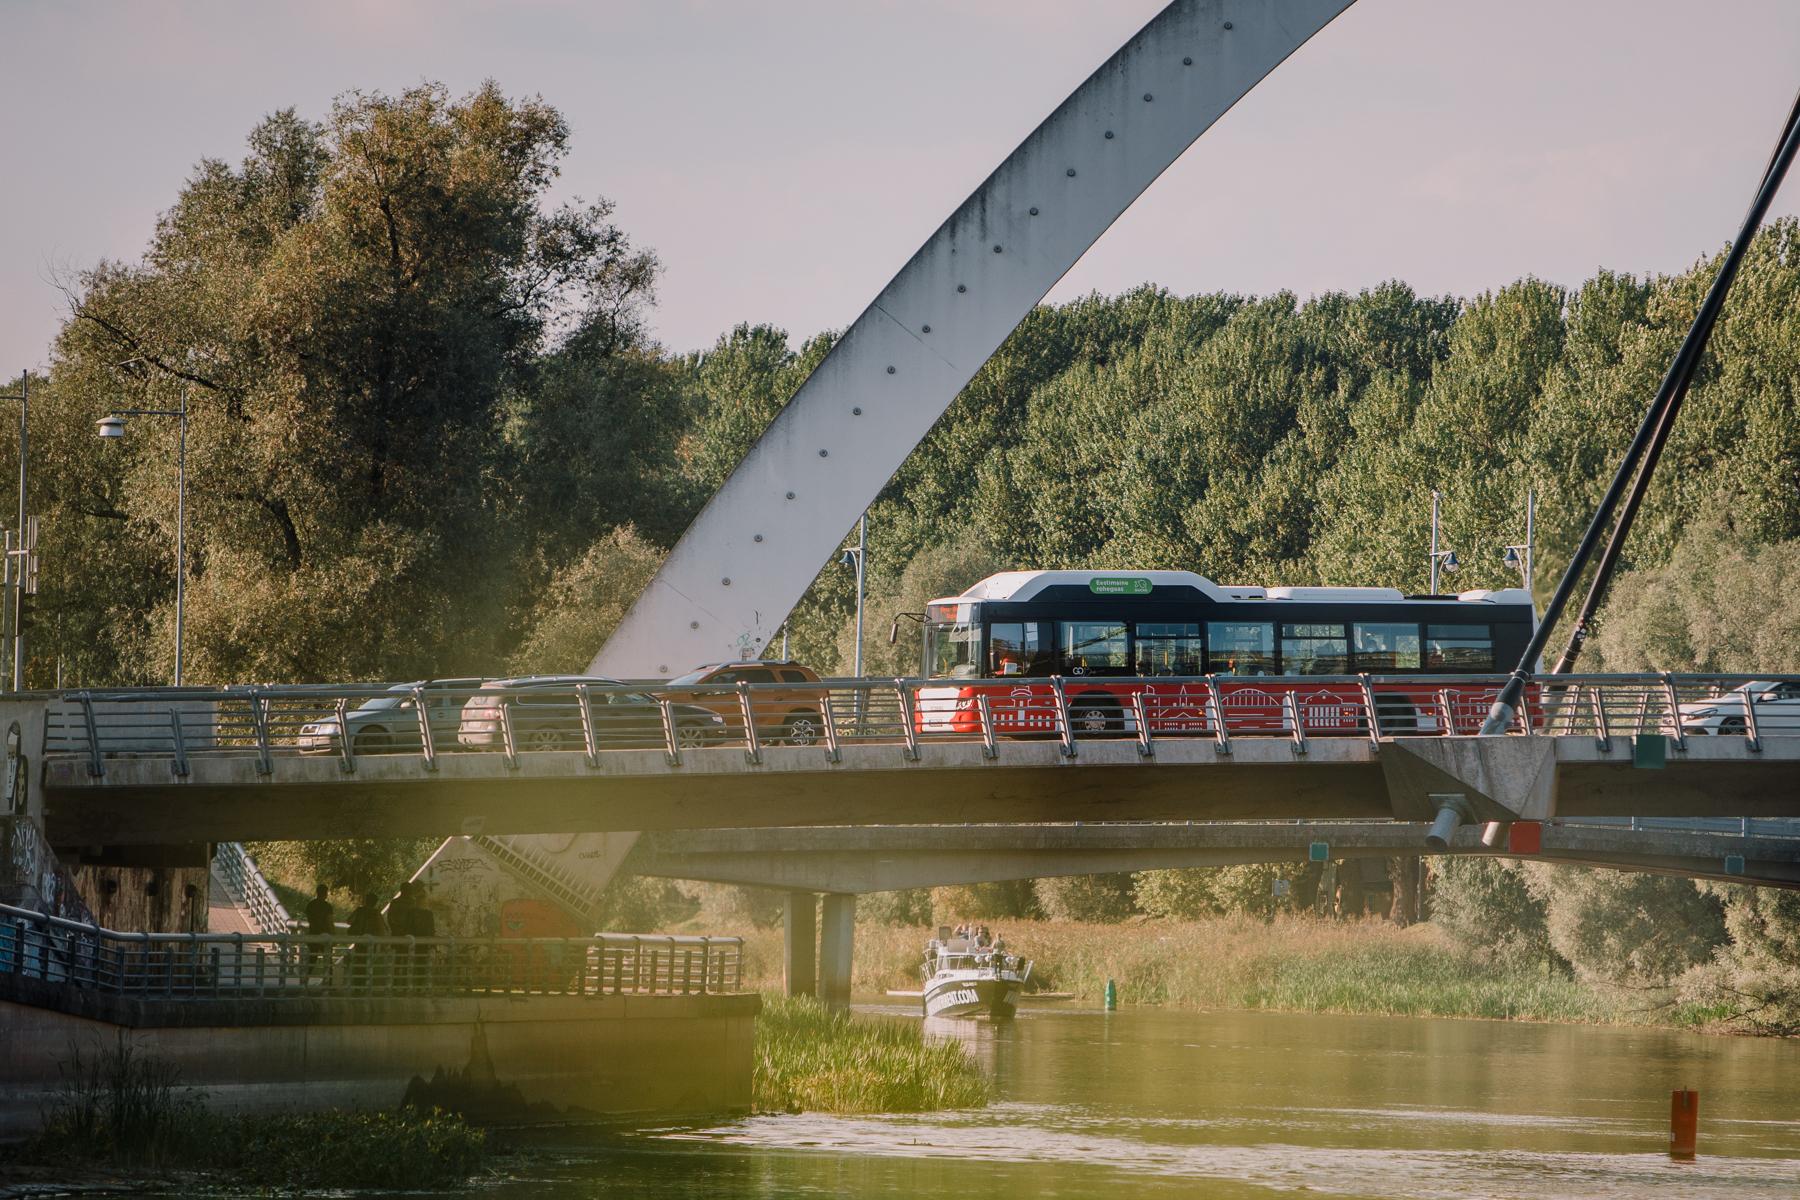 20210911_Mana Kaasik_Tartubussid-pisi-21